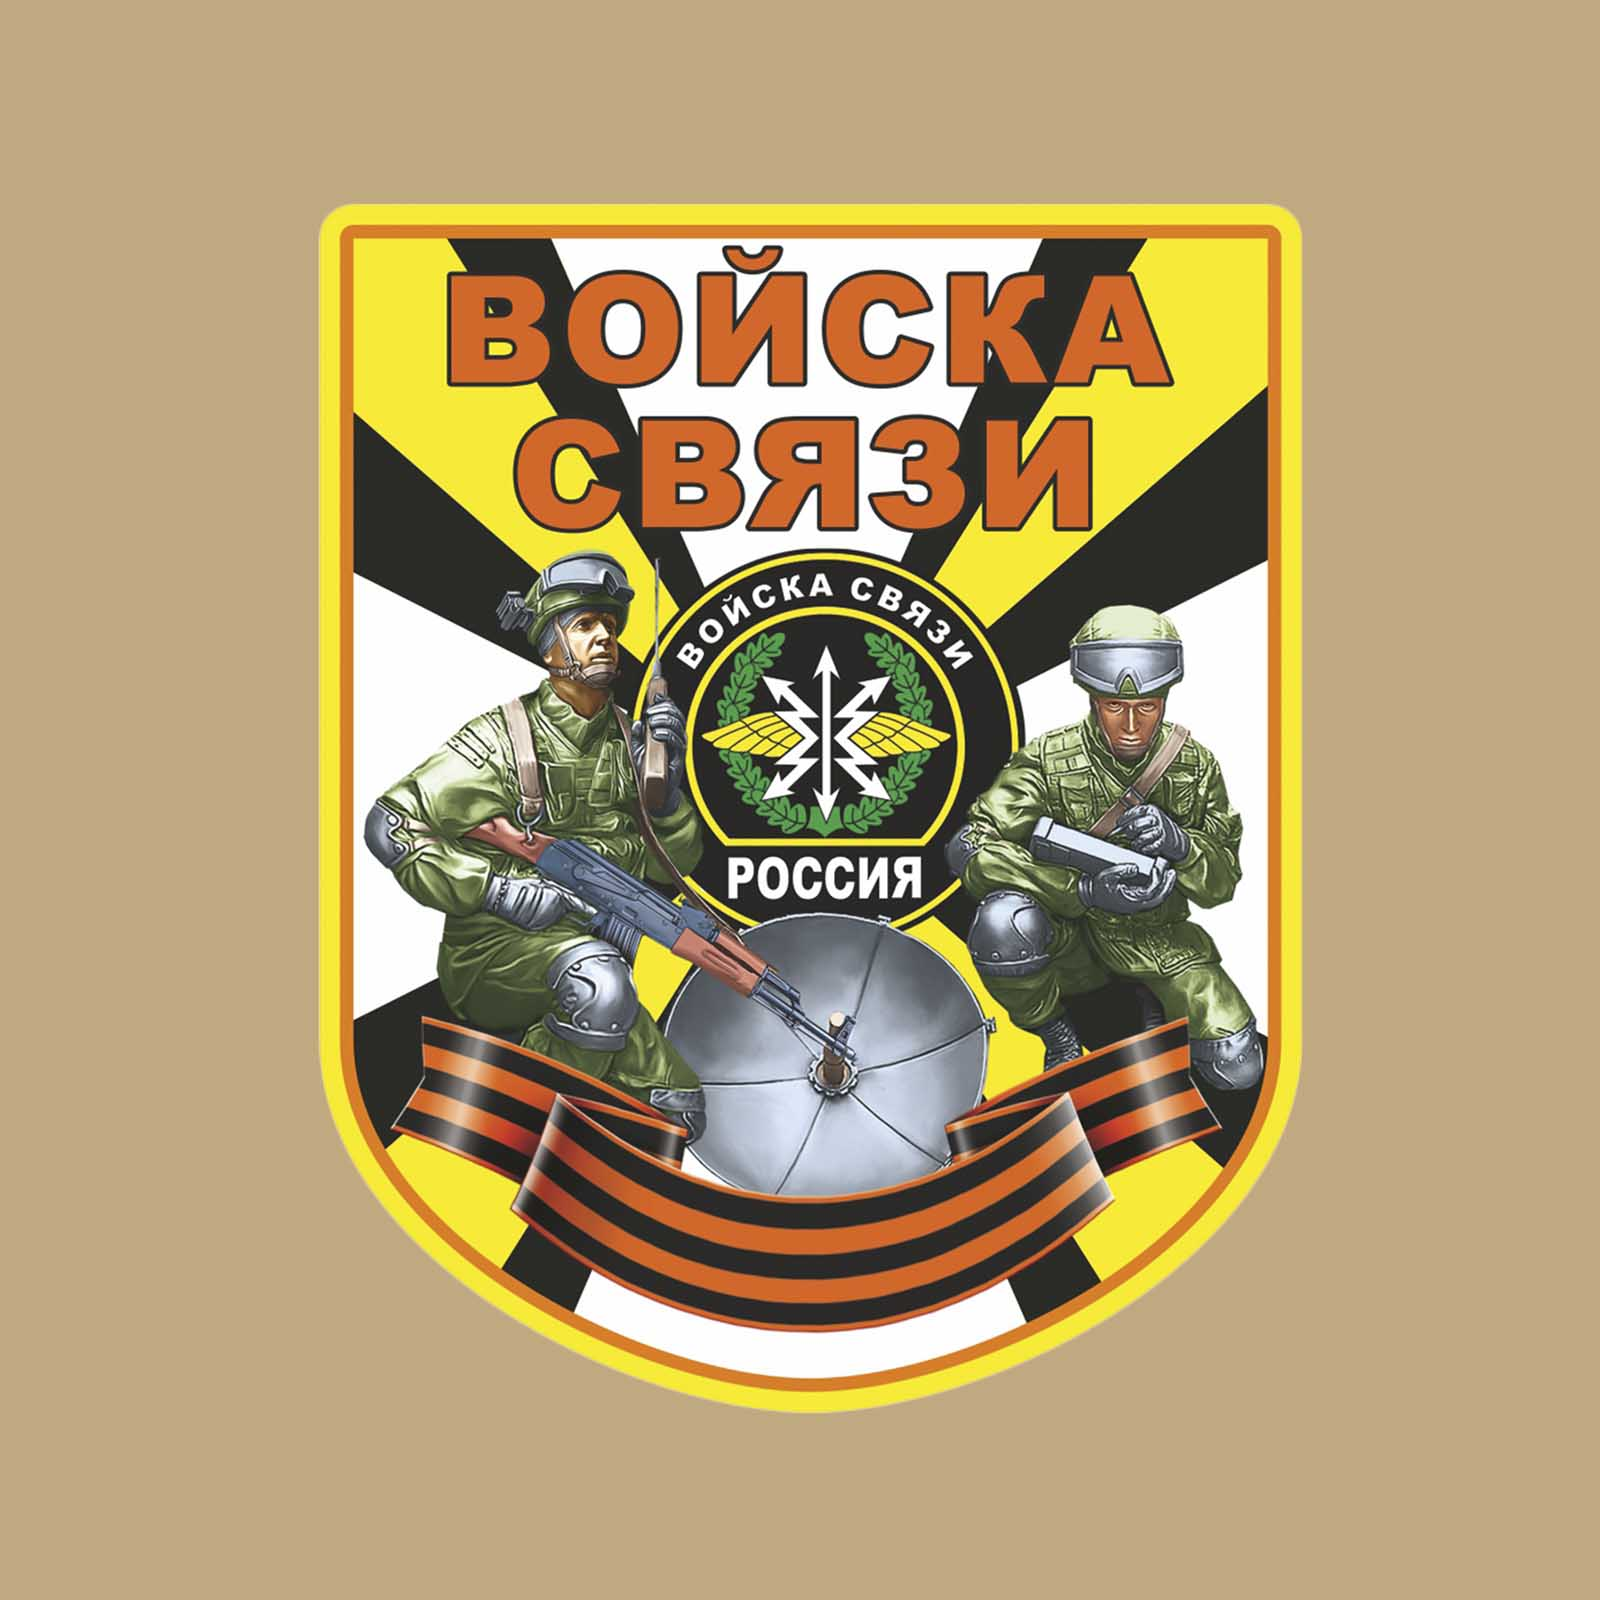 Песочная оригинальная футболка-поло с термонаклейкой Войска Связи